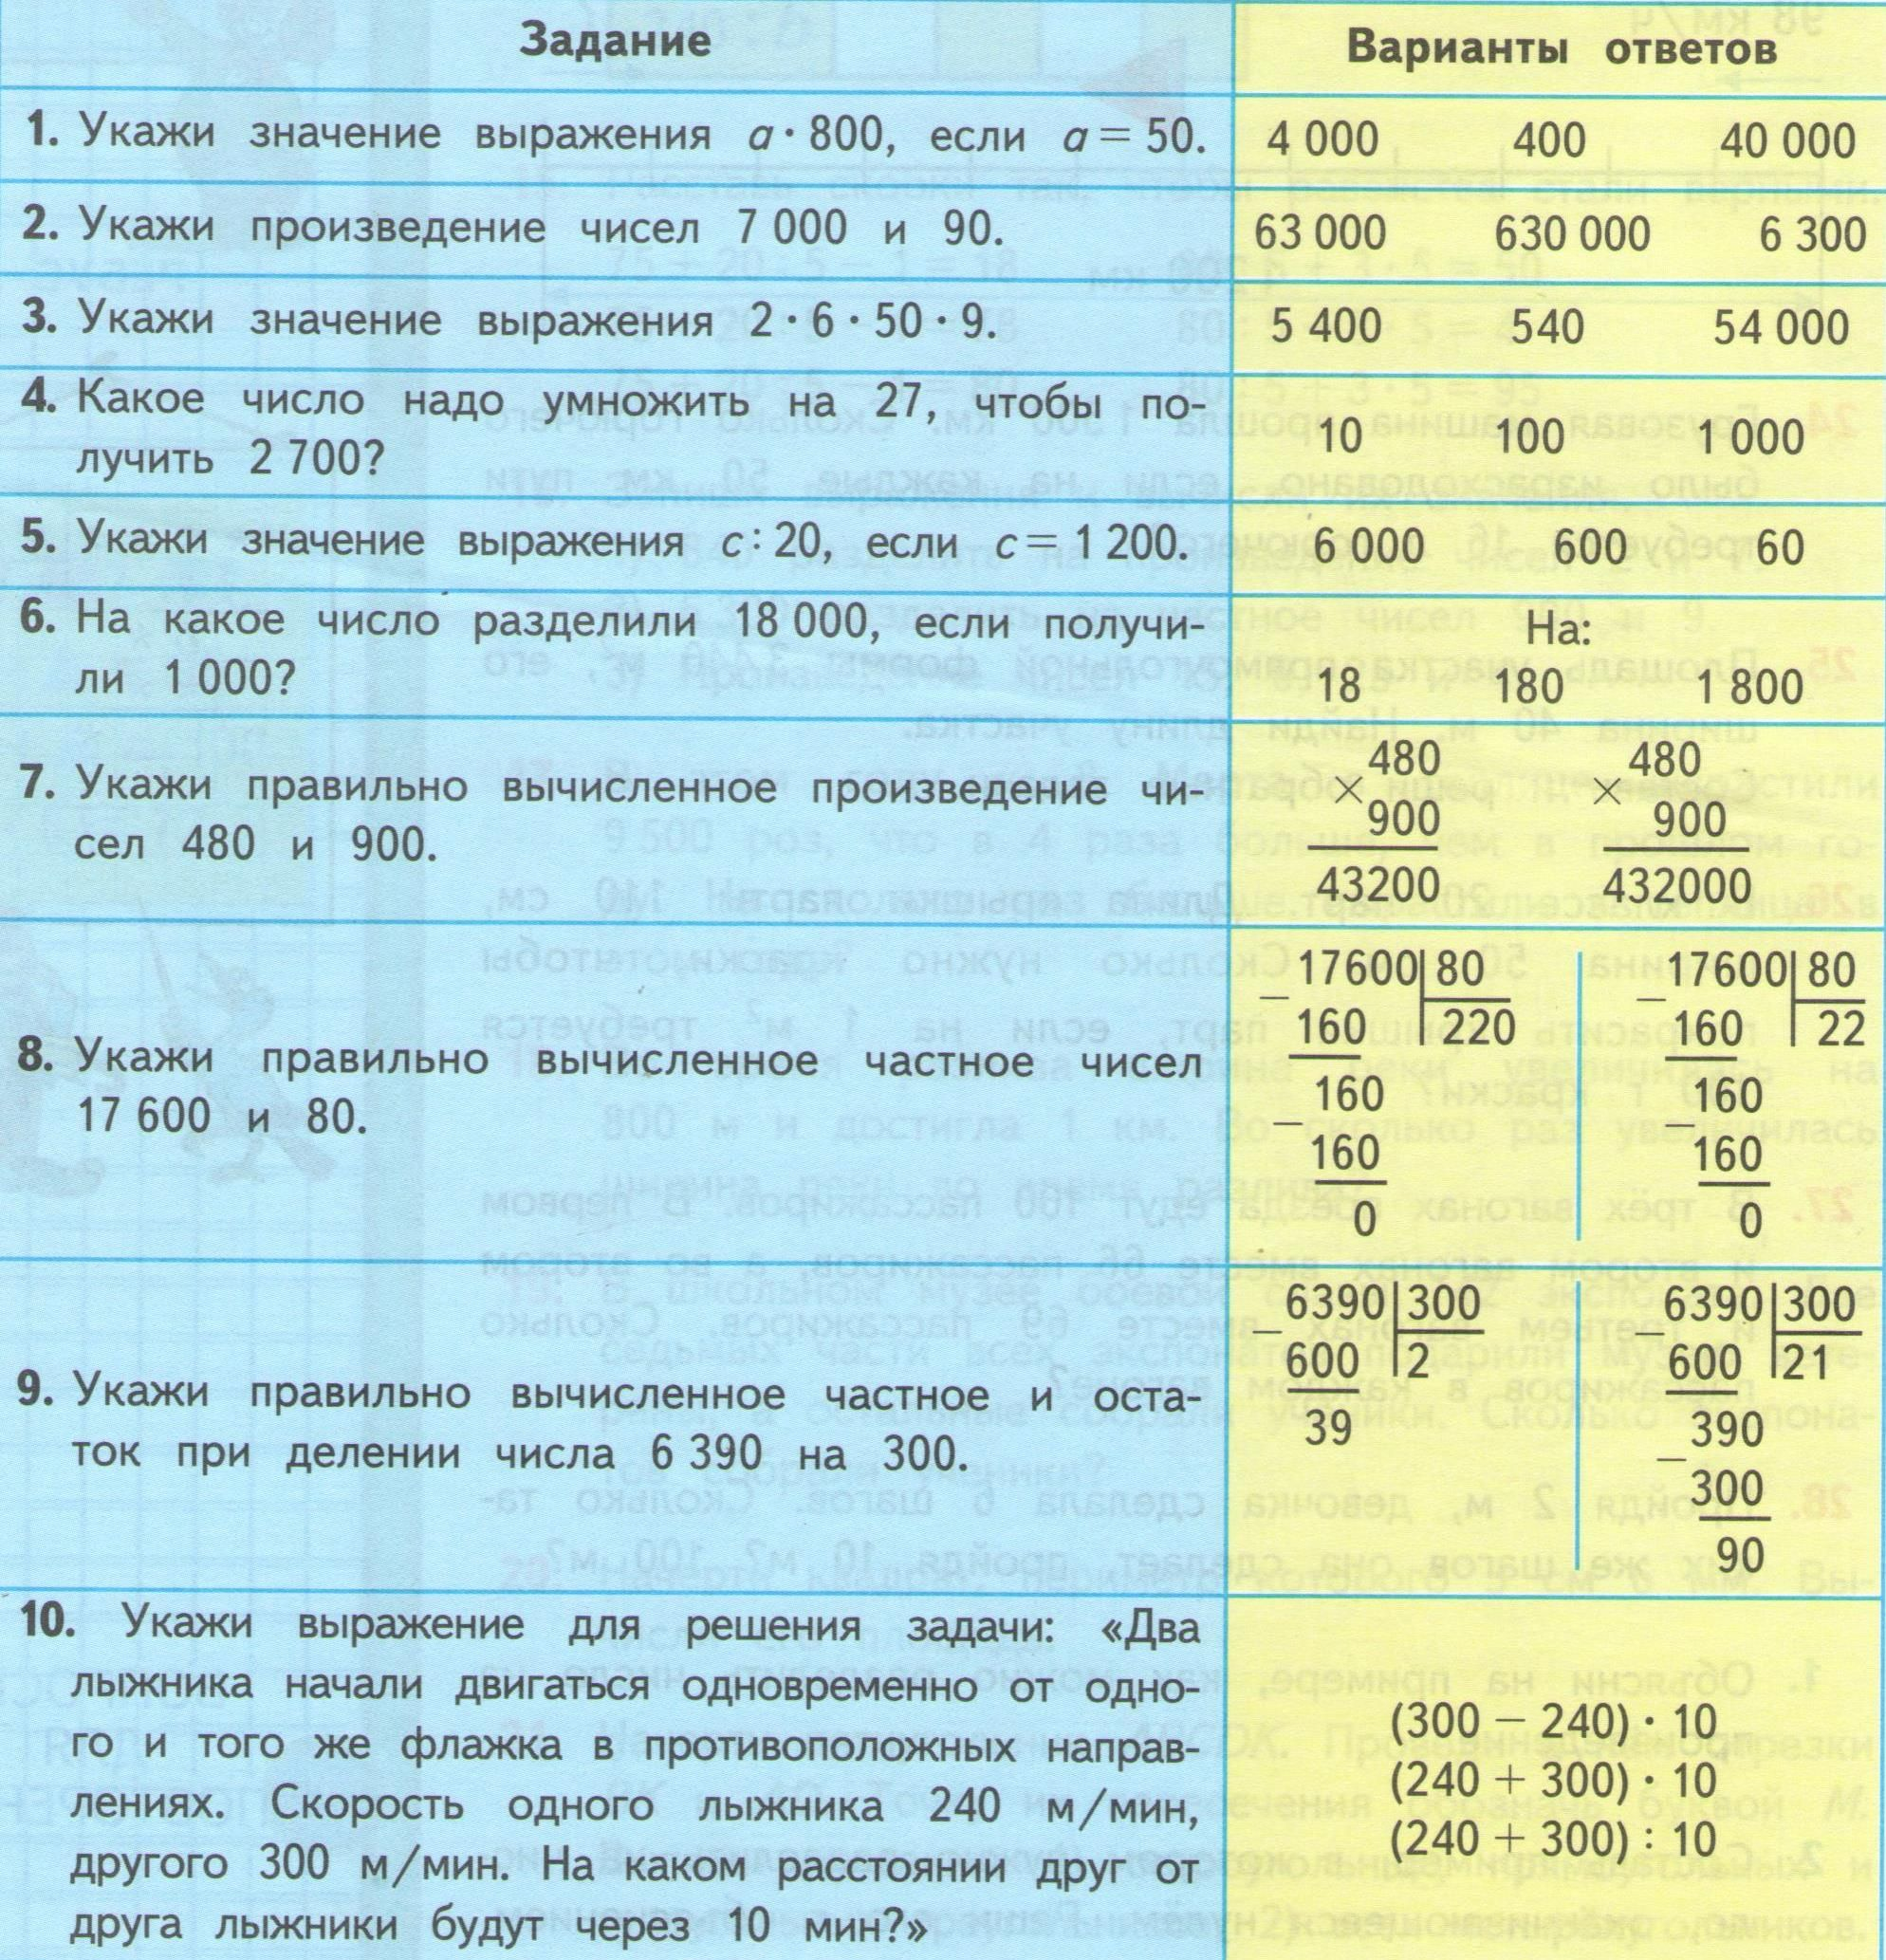 Гдз по истории за 7 класс перевезенцев перевезенцева